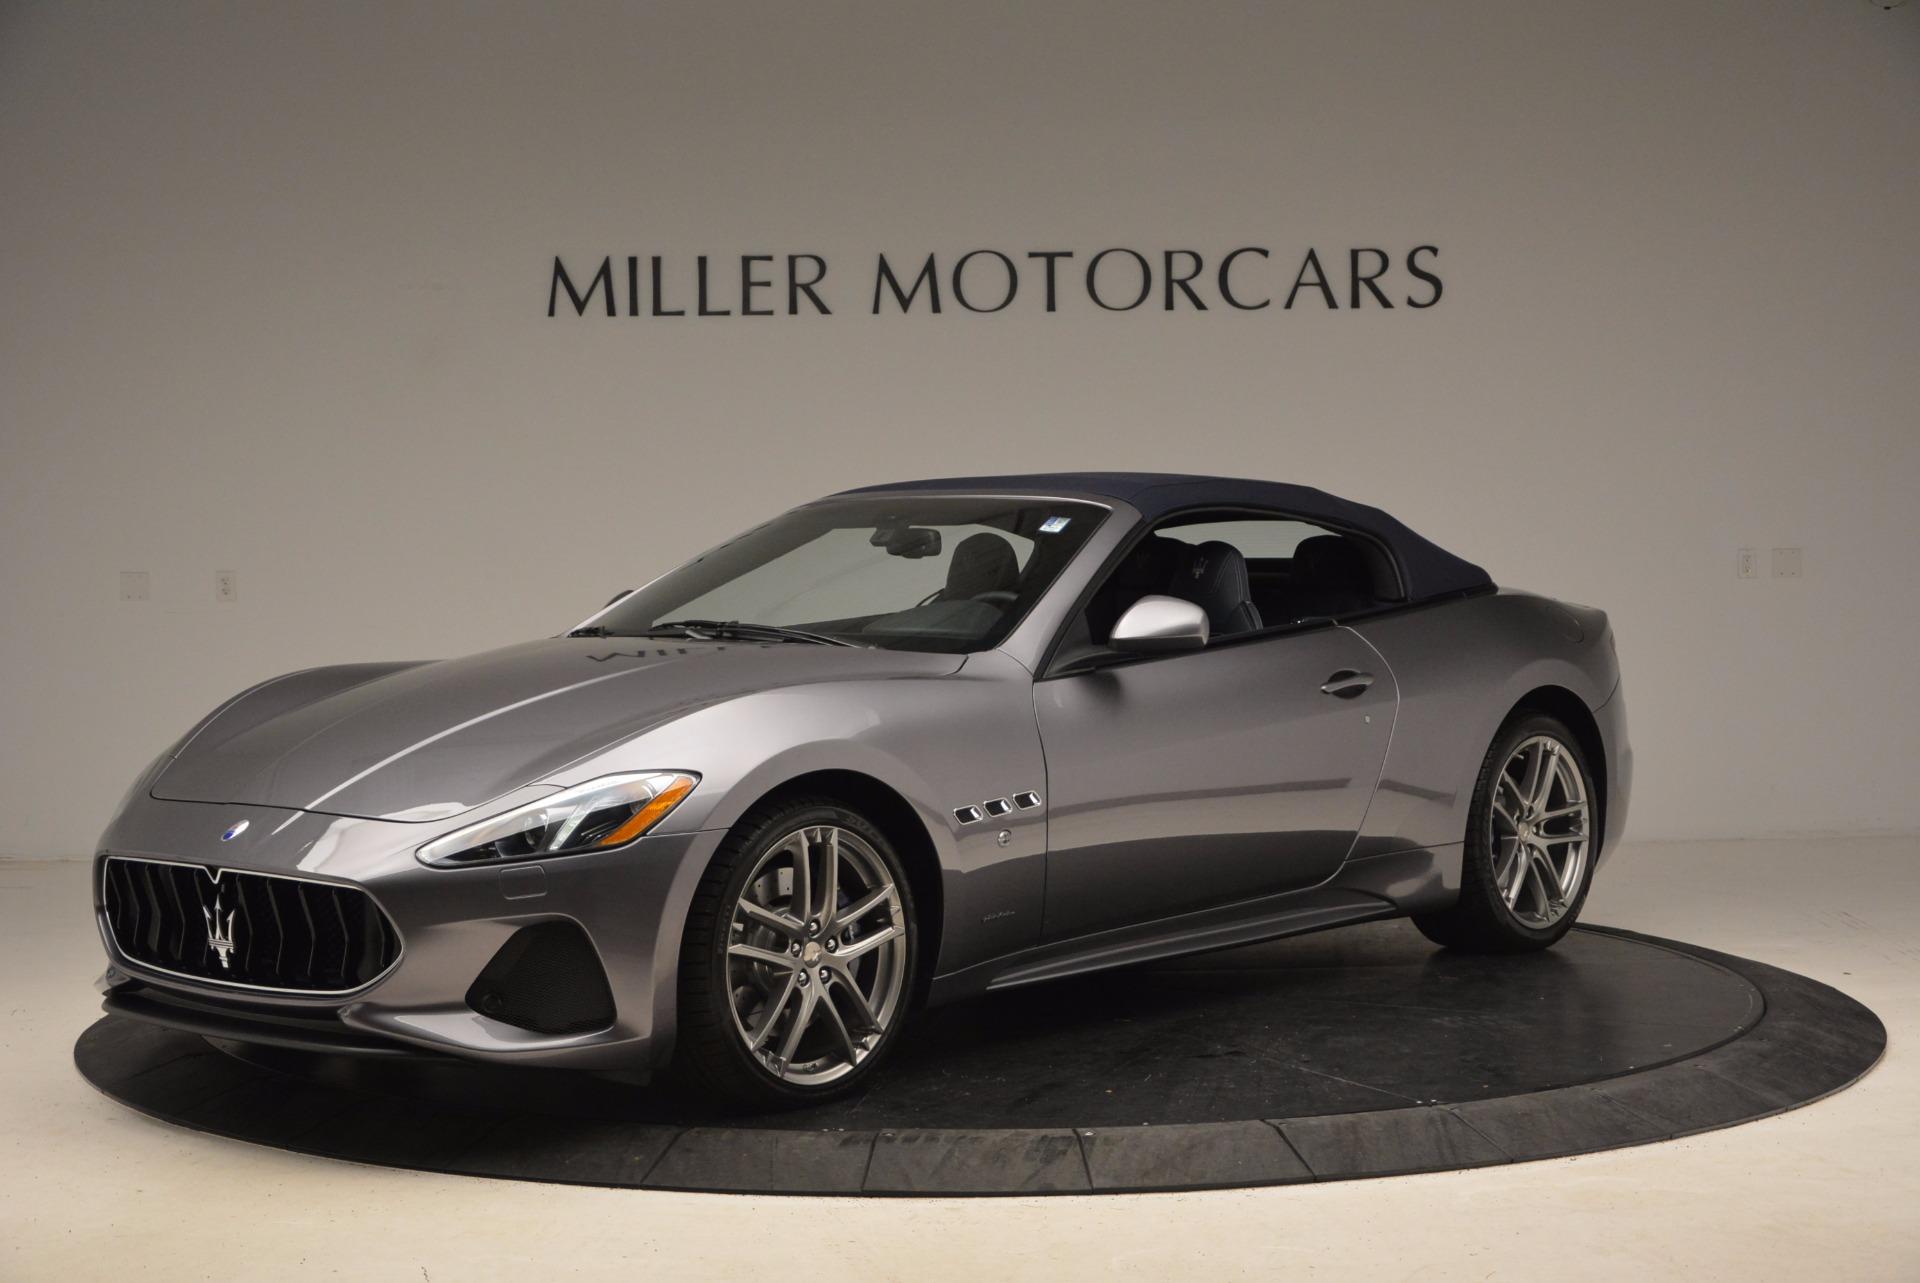 New 2018 Maserati GranTurismo Sport Convertible For Sale In Greenwich, CT 1802_p4